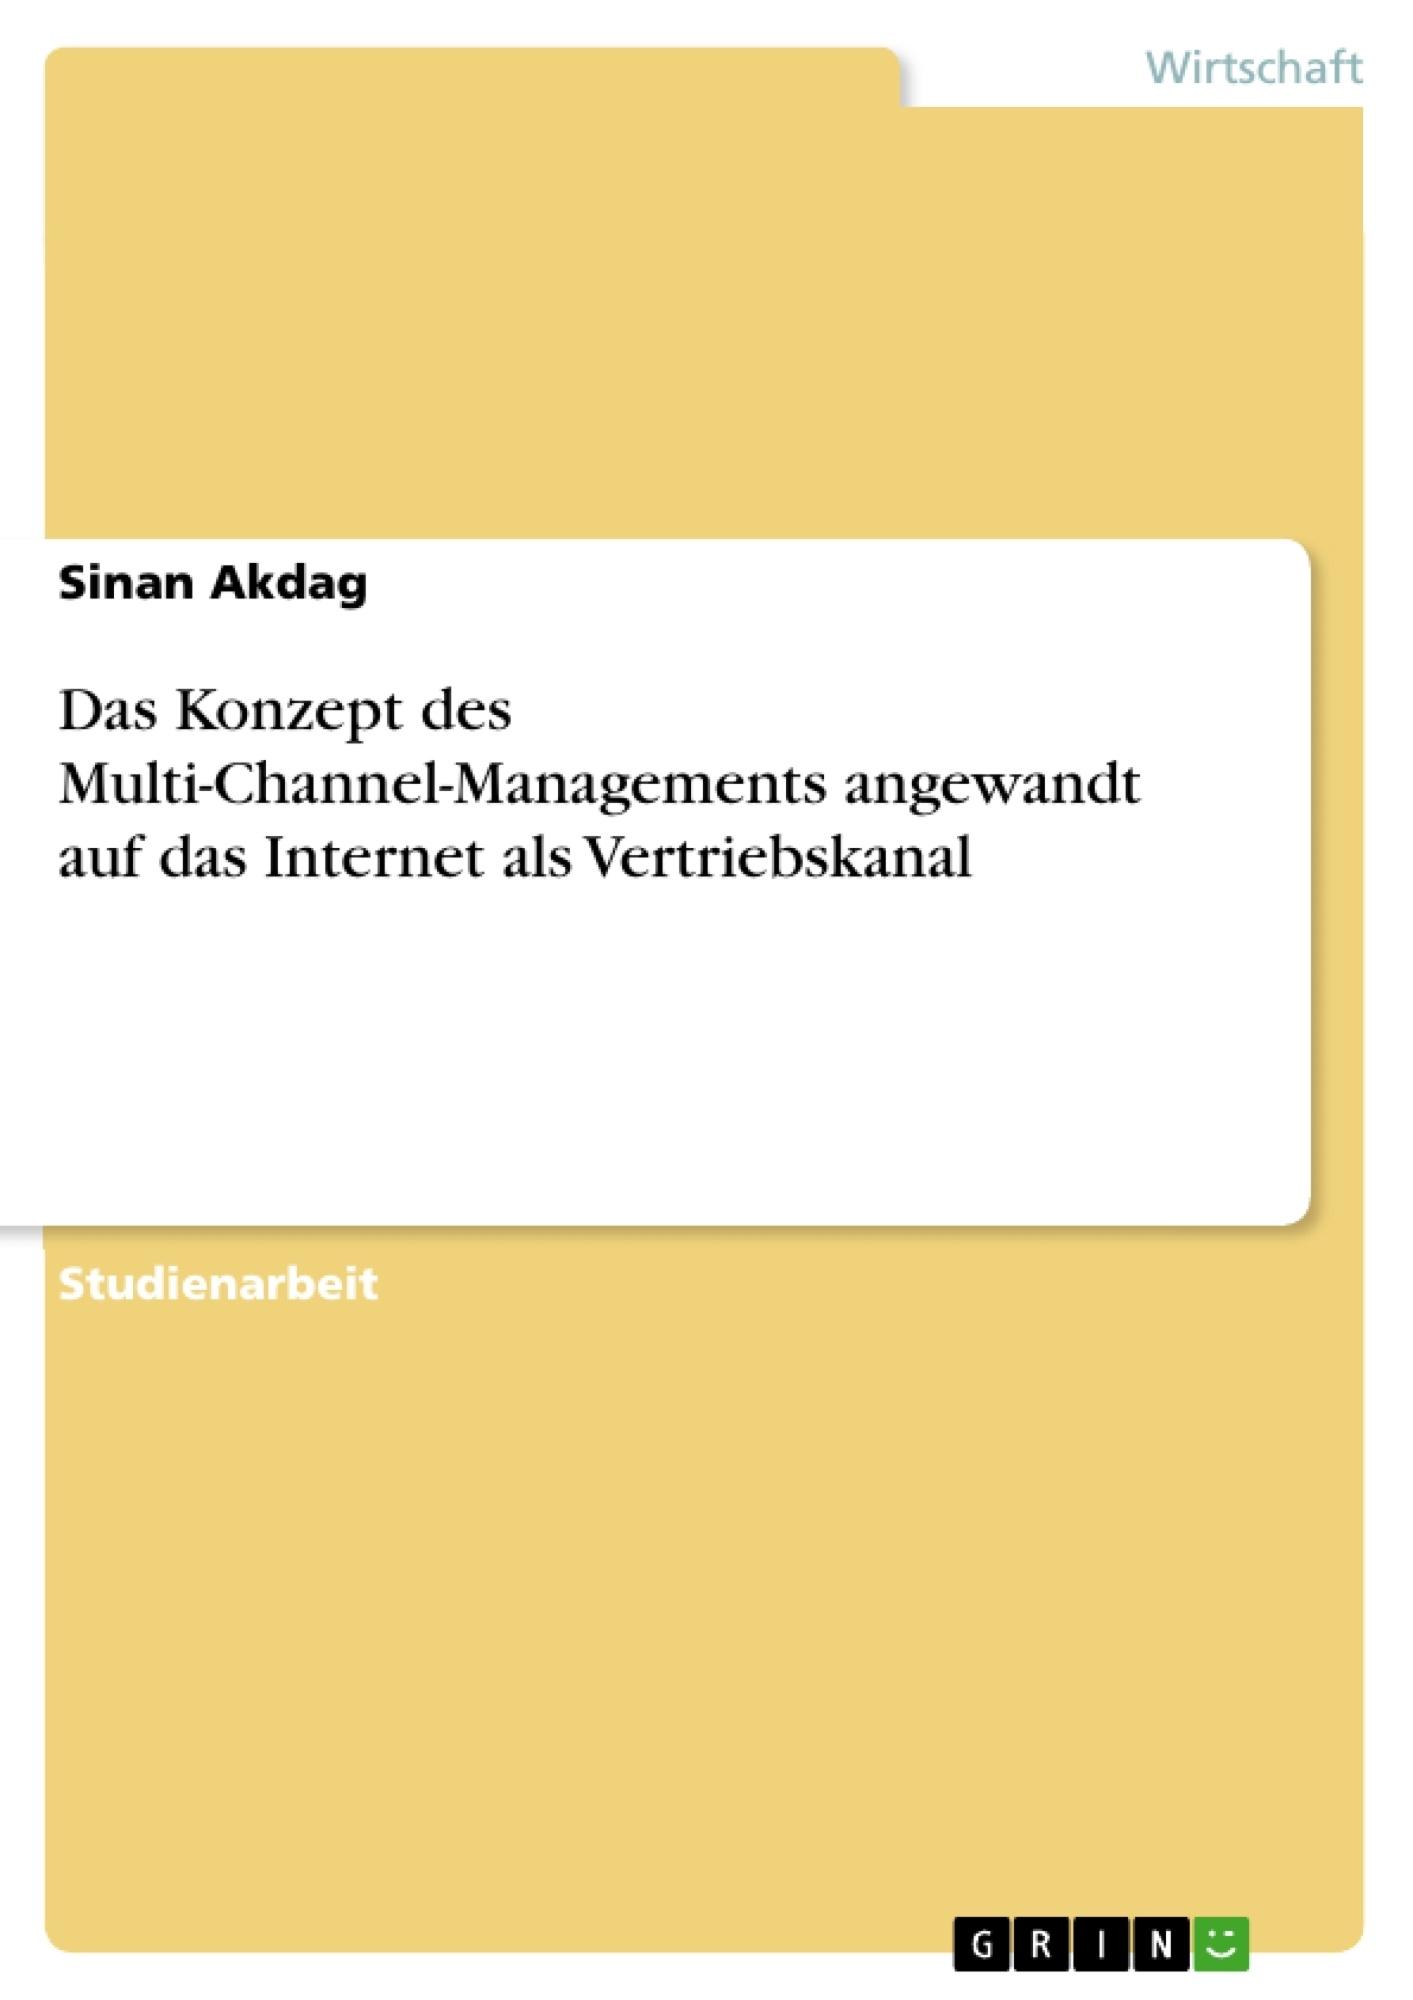 Titel: Das Konzept des Multi-Channel-Managements angewandt auf das Internet als Vertriebskanal